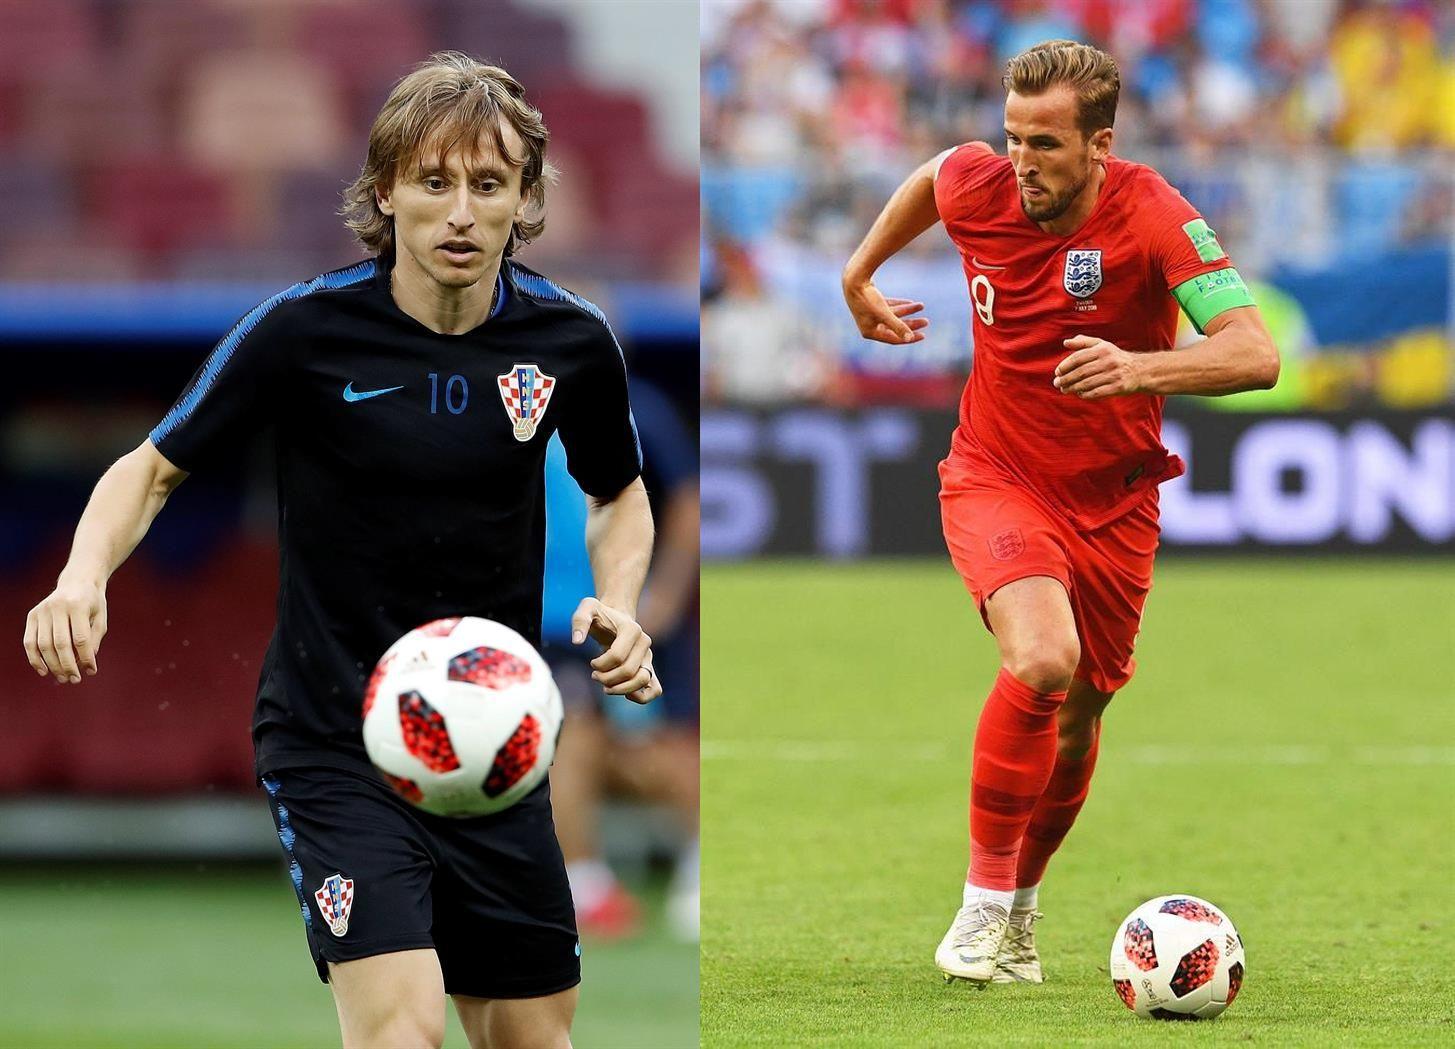 Croacia pone a prueba su talento con el 'músculo' de Inglaterra